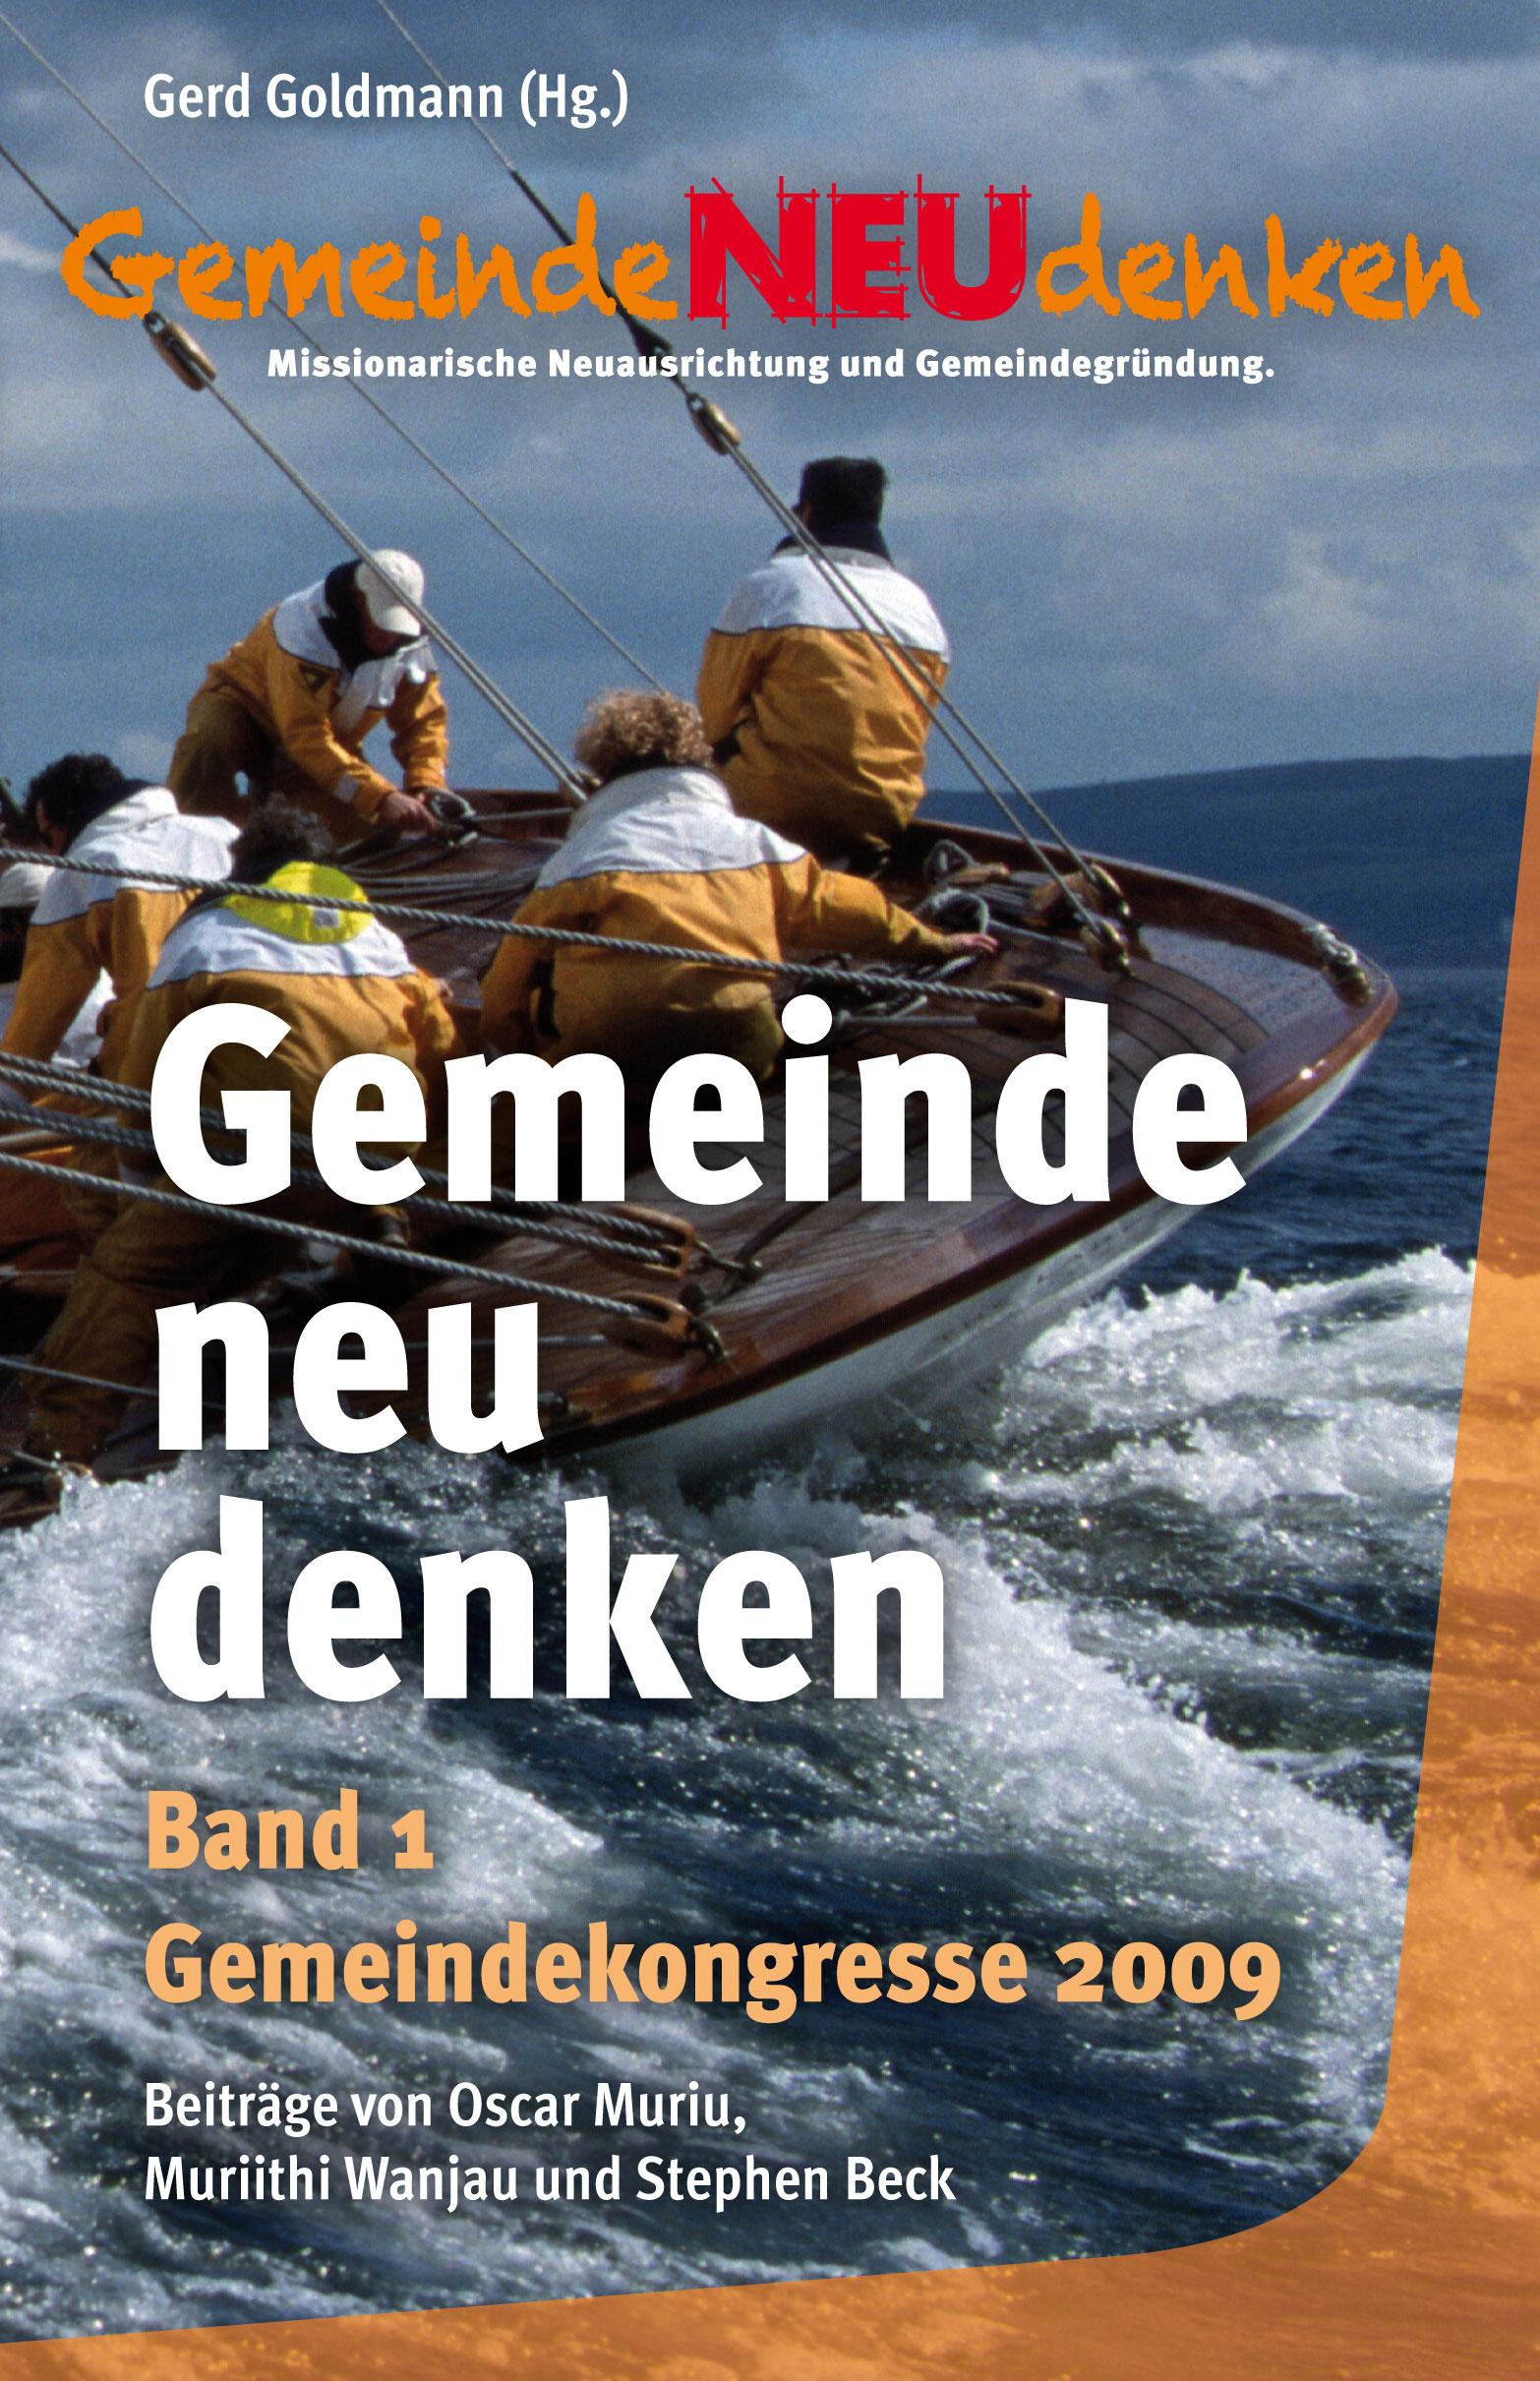 Goldmann, GemeindeNEUdenken Bd. 1